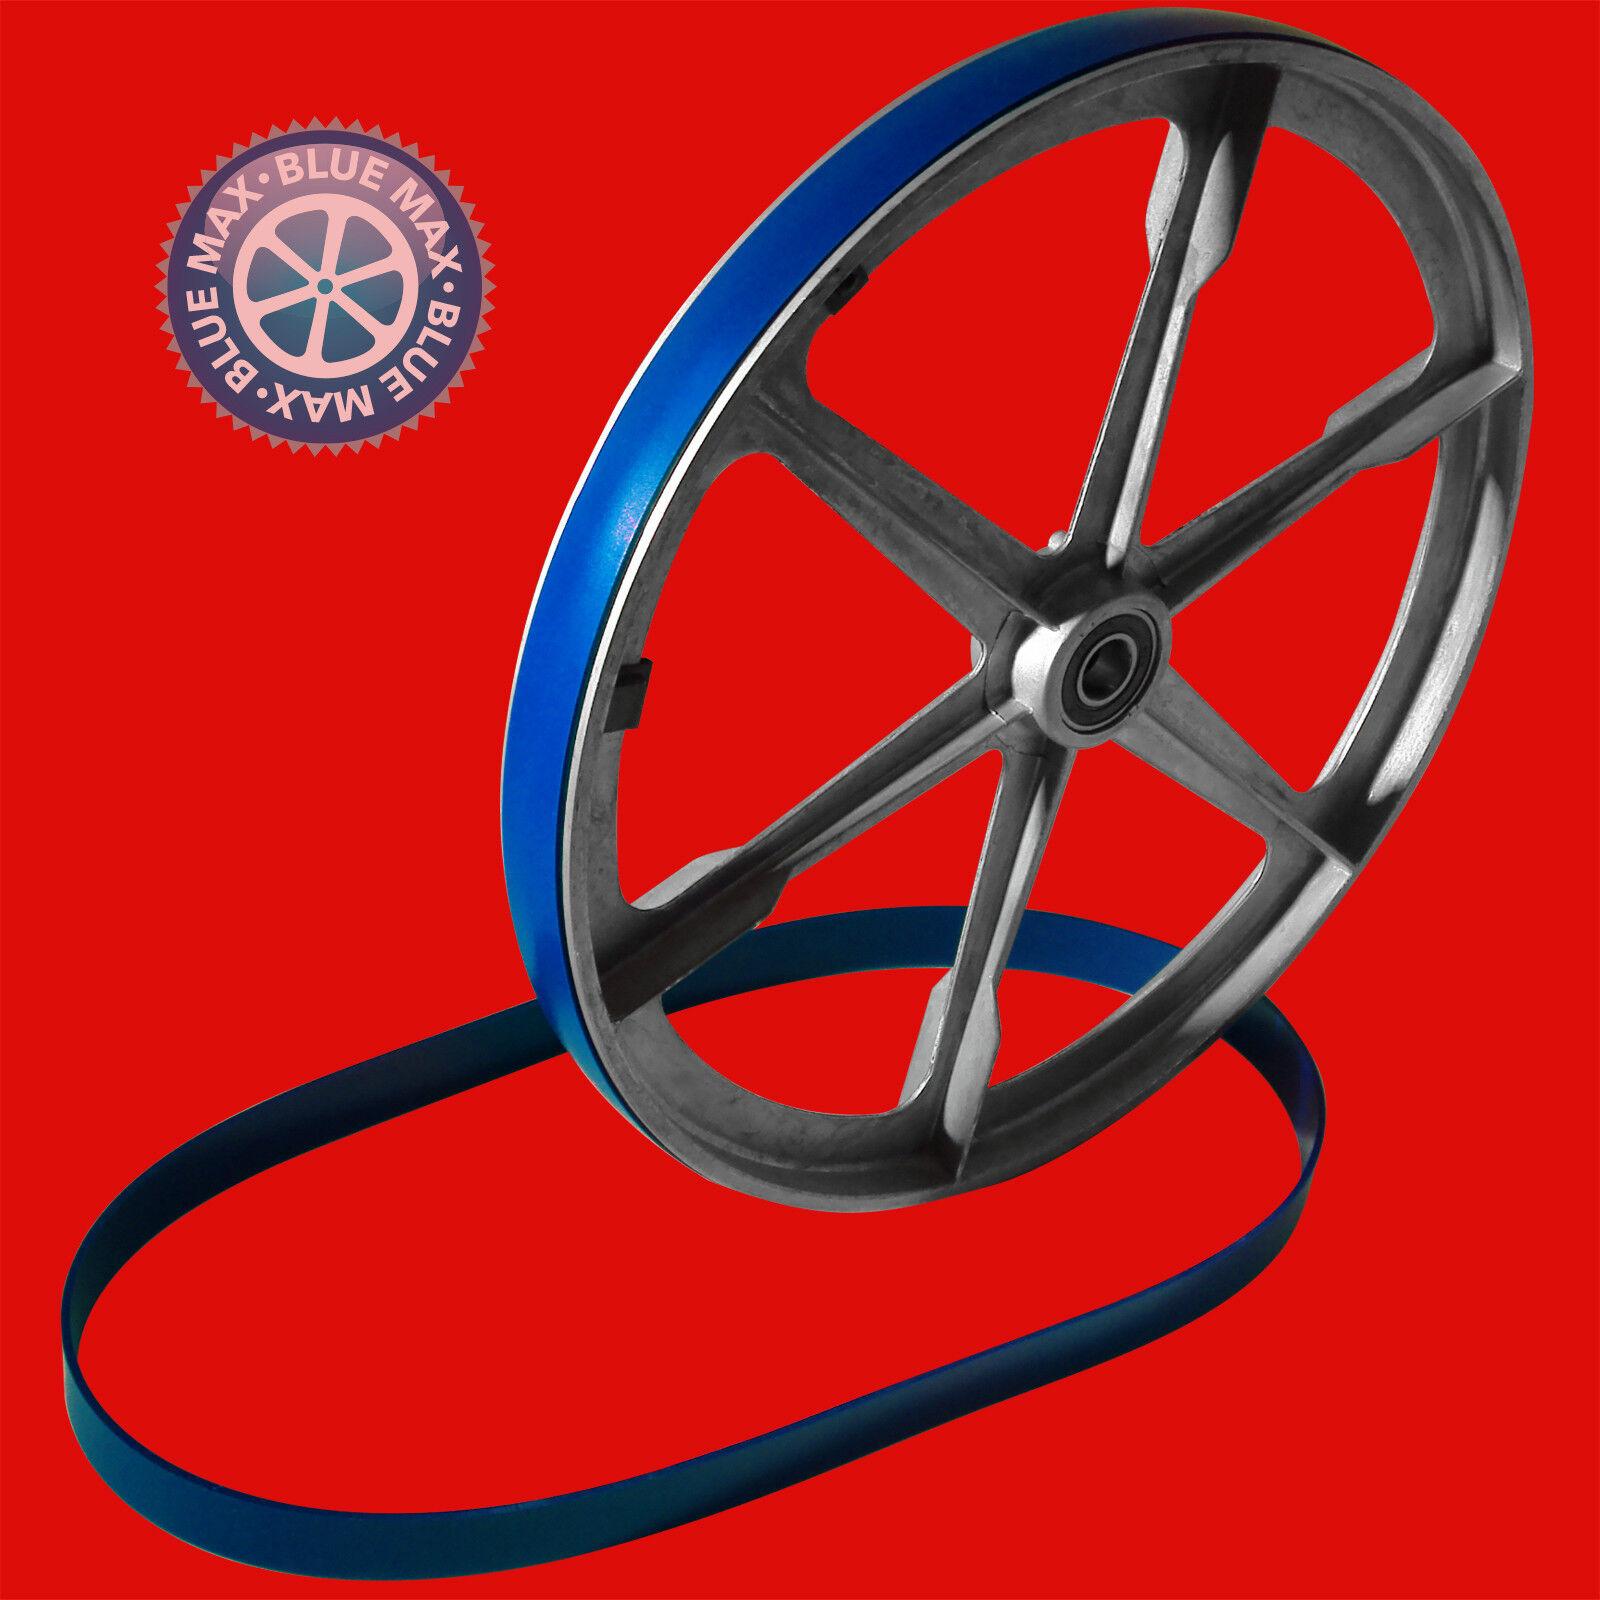 15 1 5.1cm X 2.5cm Ultra Muy Blau Max Uretano Cinta Sierra Neumáticos .125